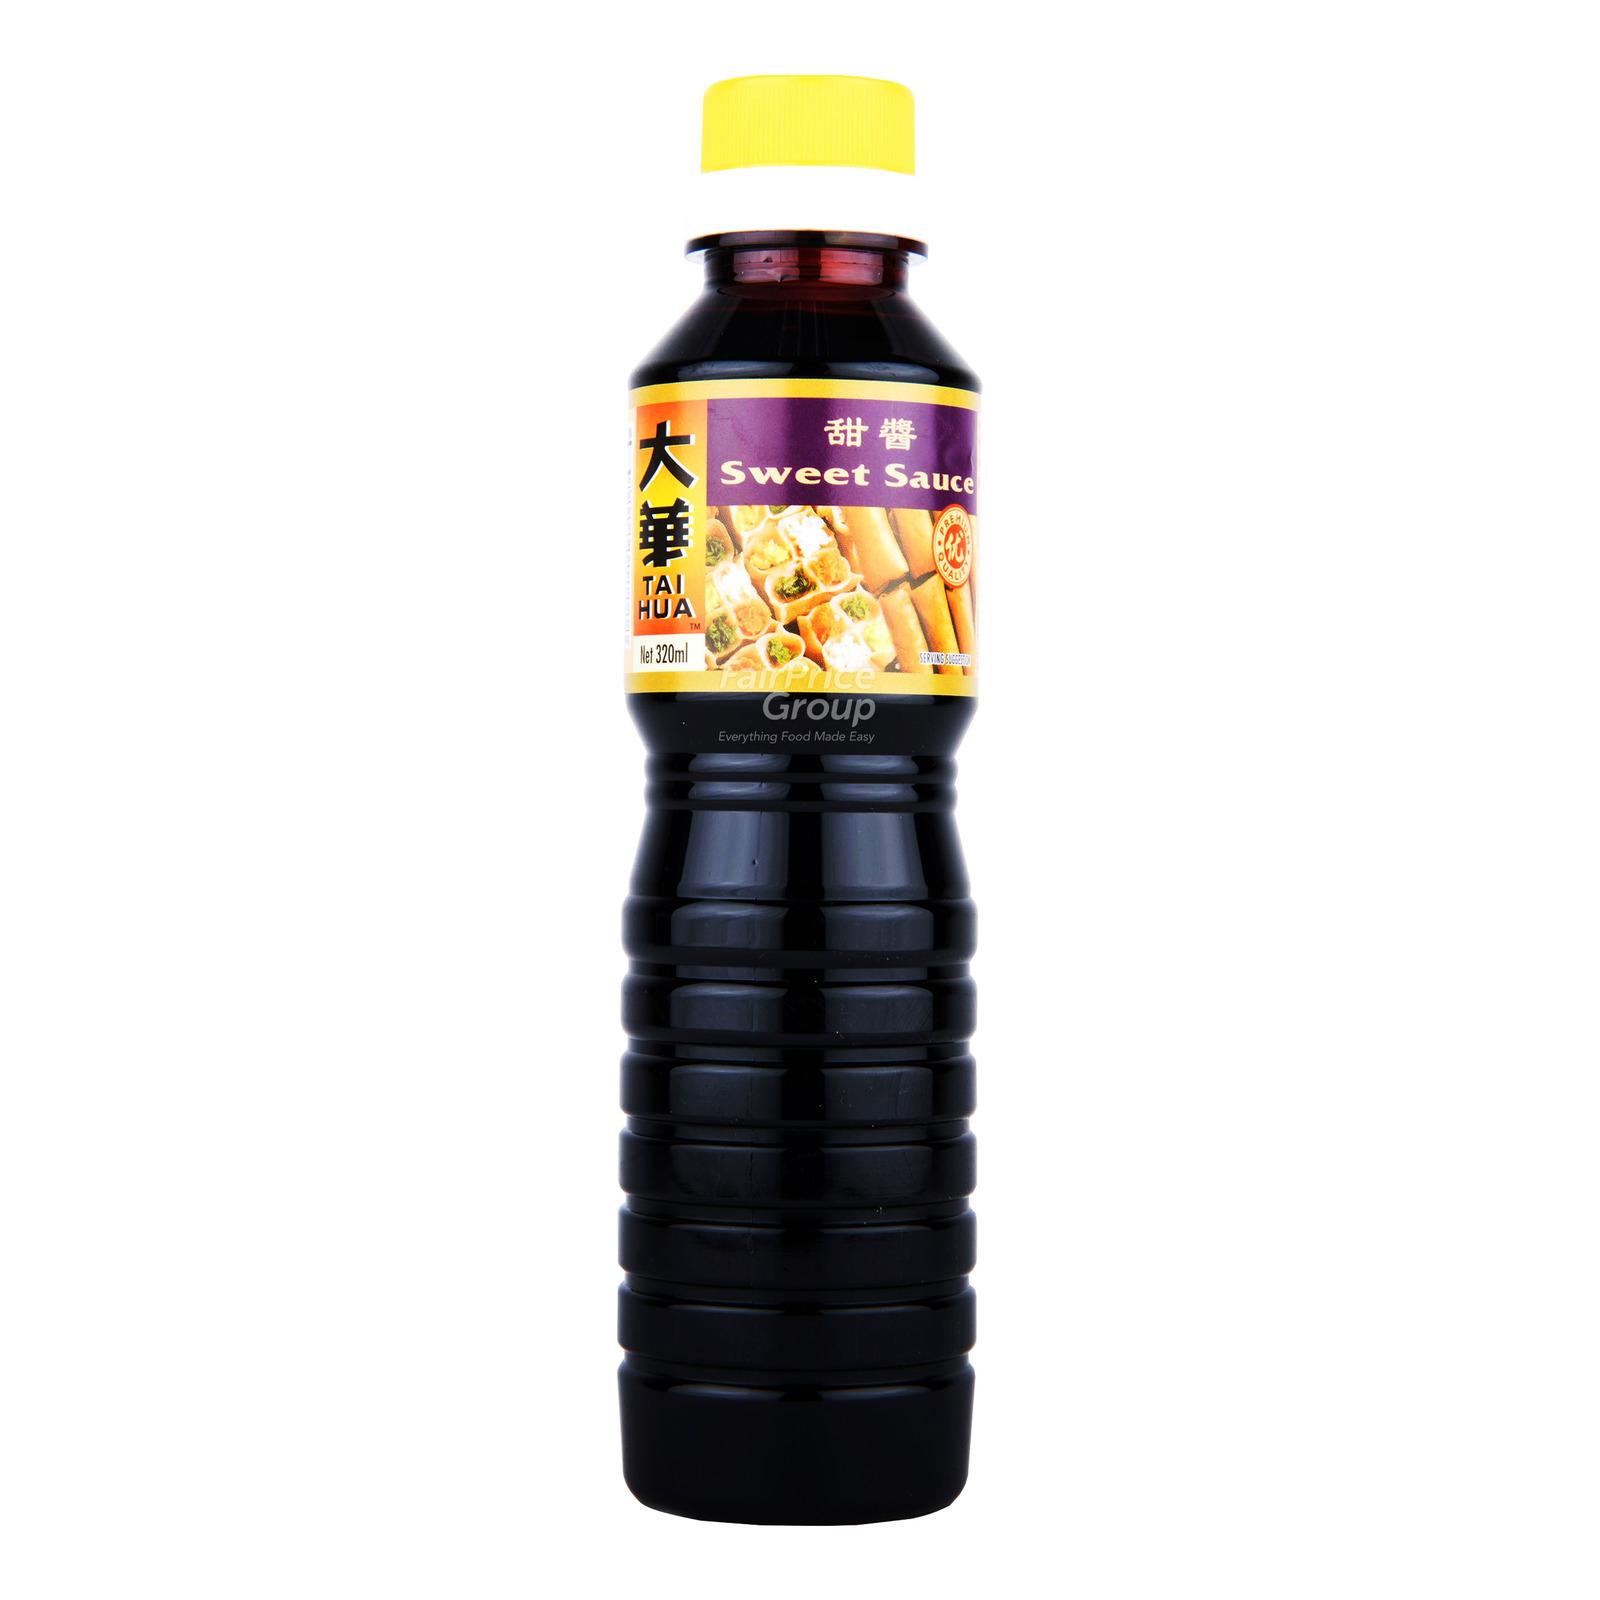 TAI HUA Sweet Sauce 320ml